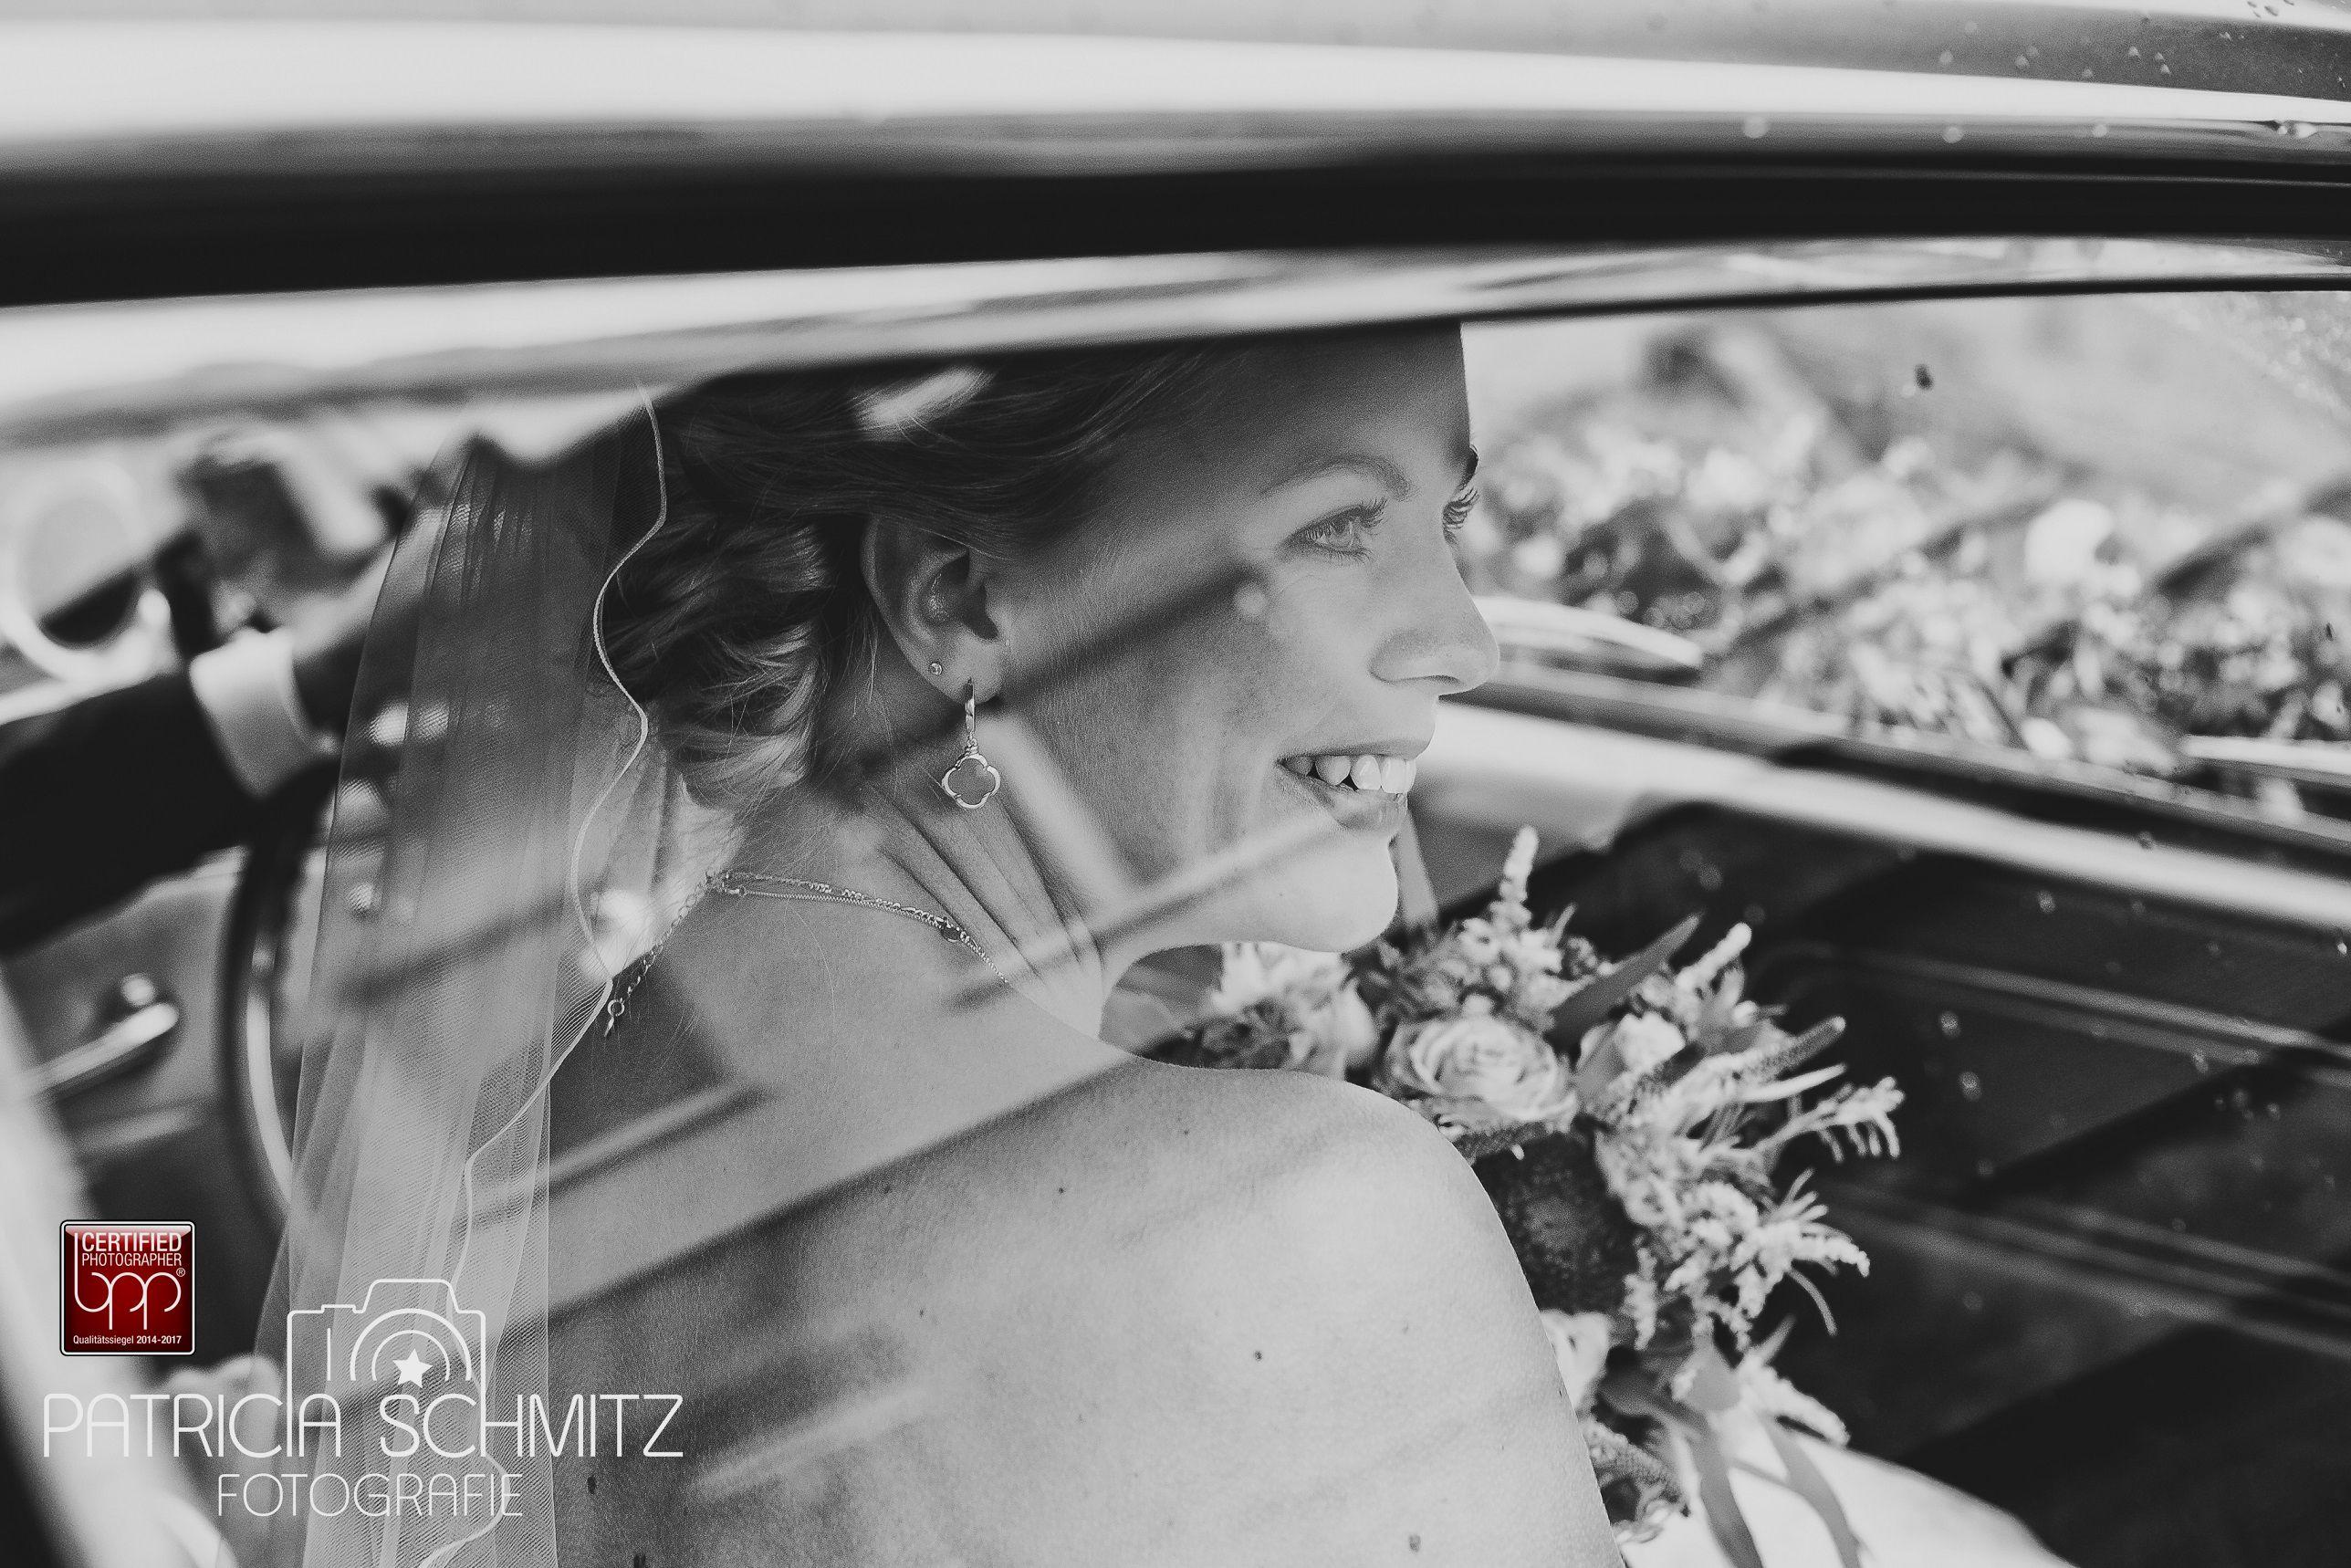 Patricia Schmitz Fotografie